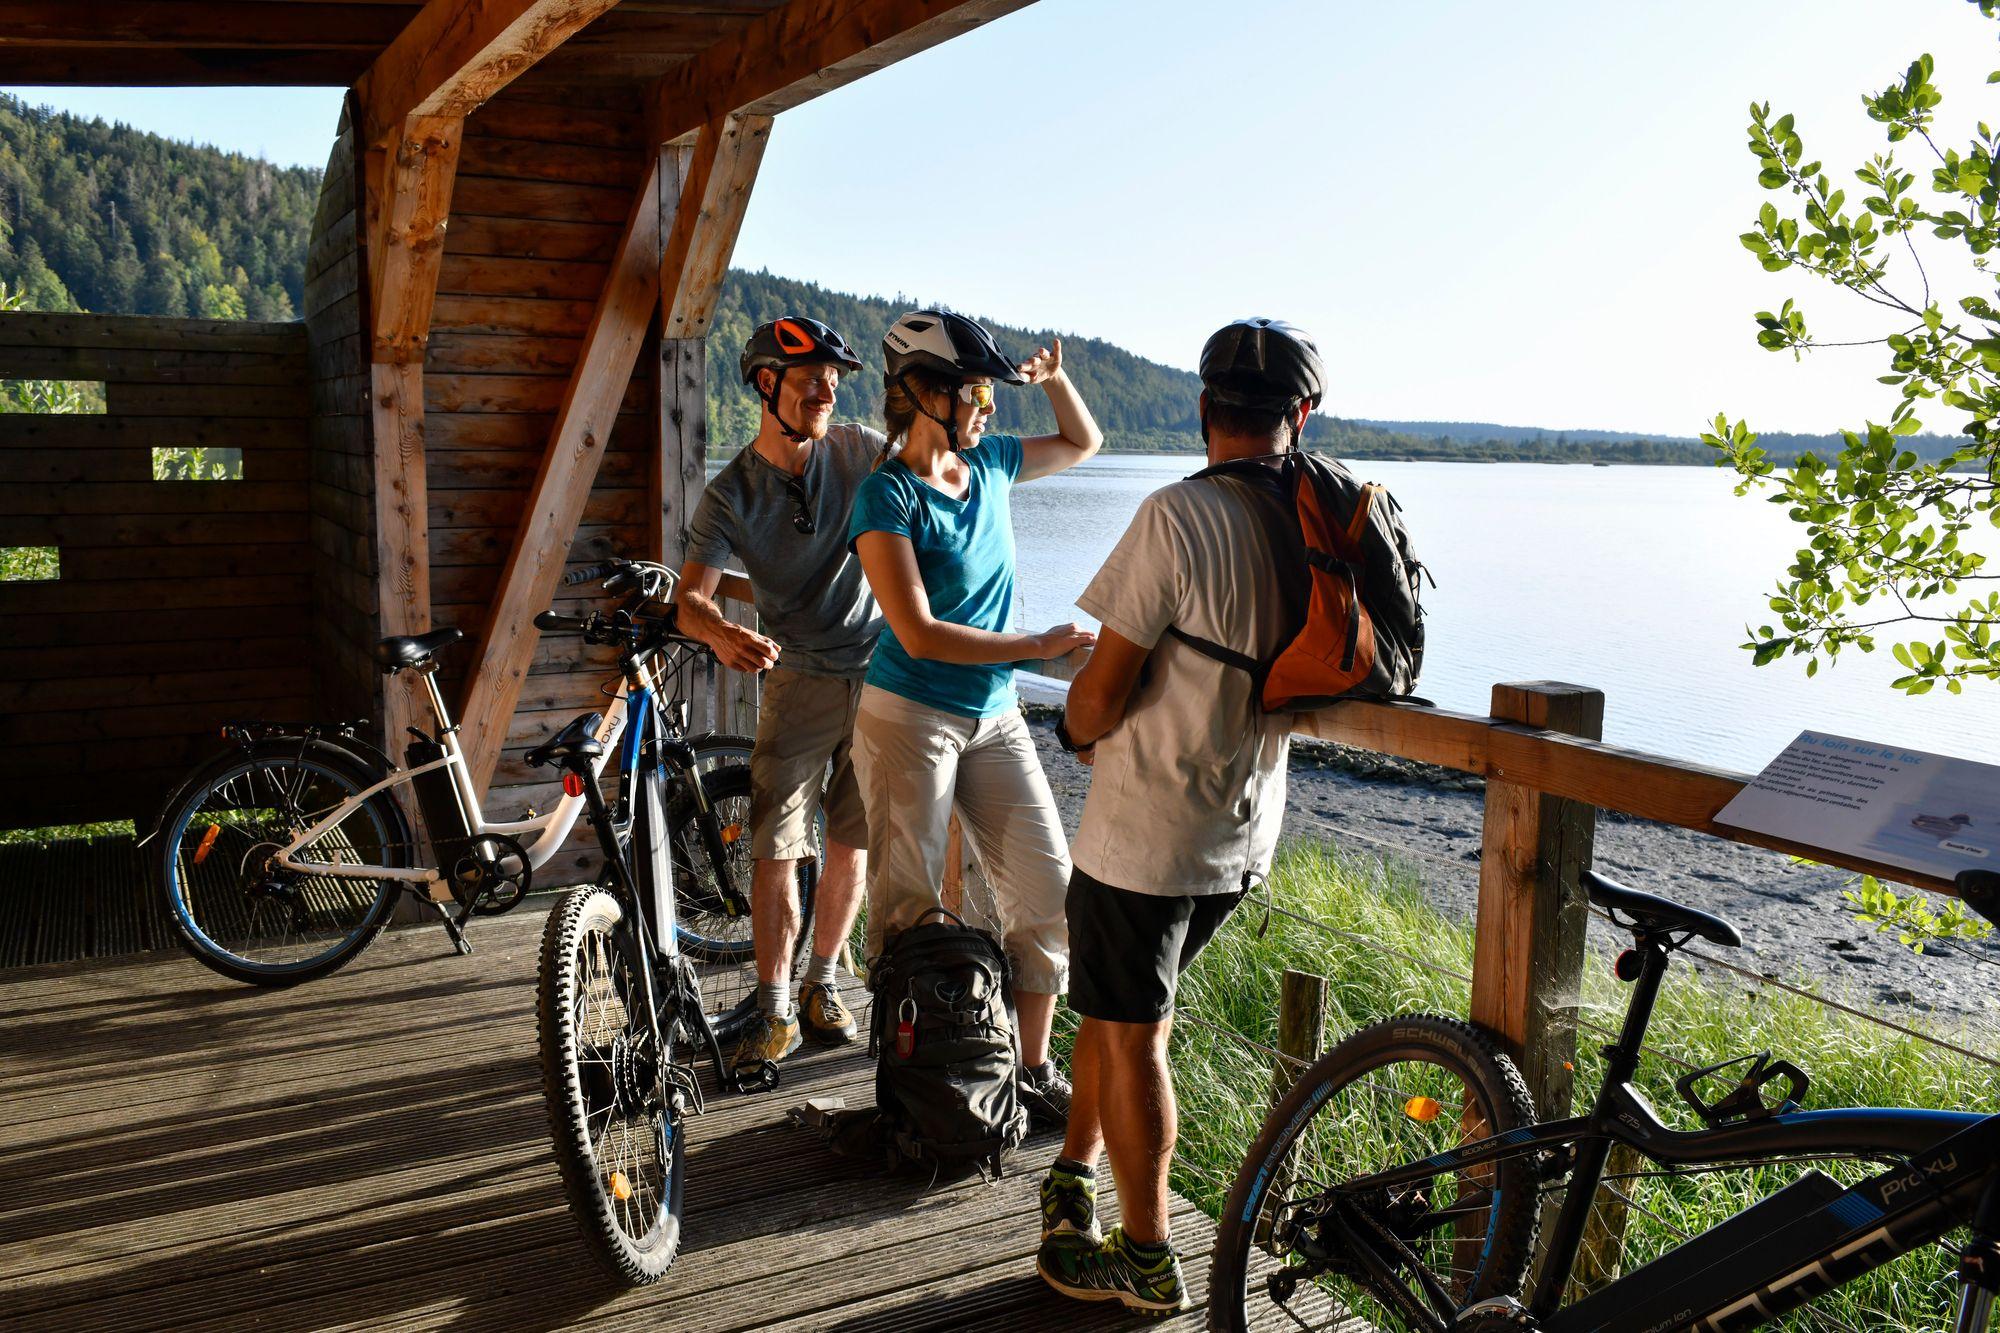 Frasne-Drugeon. La découverte de la vallée du Drugeon en vélo à assistance électrique